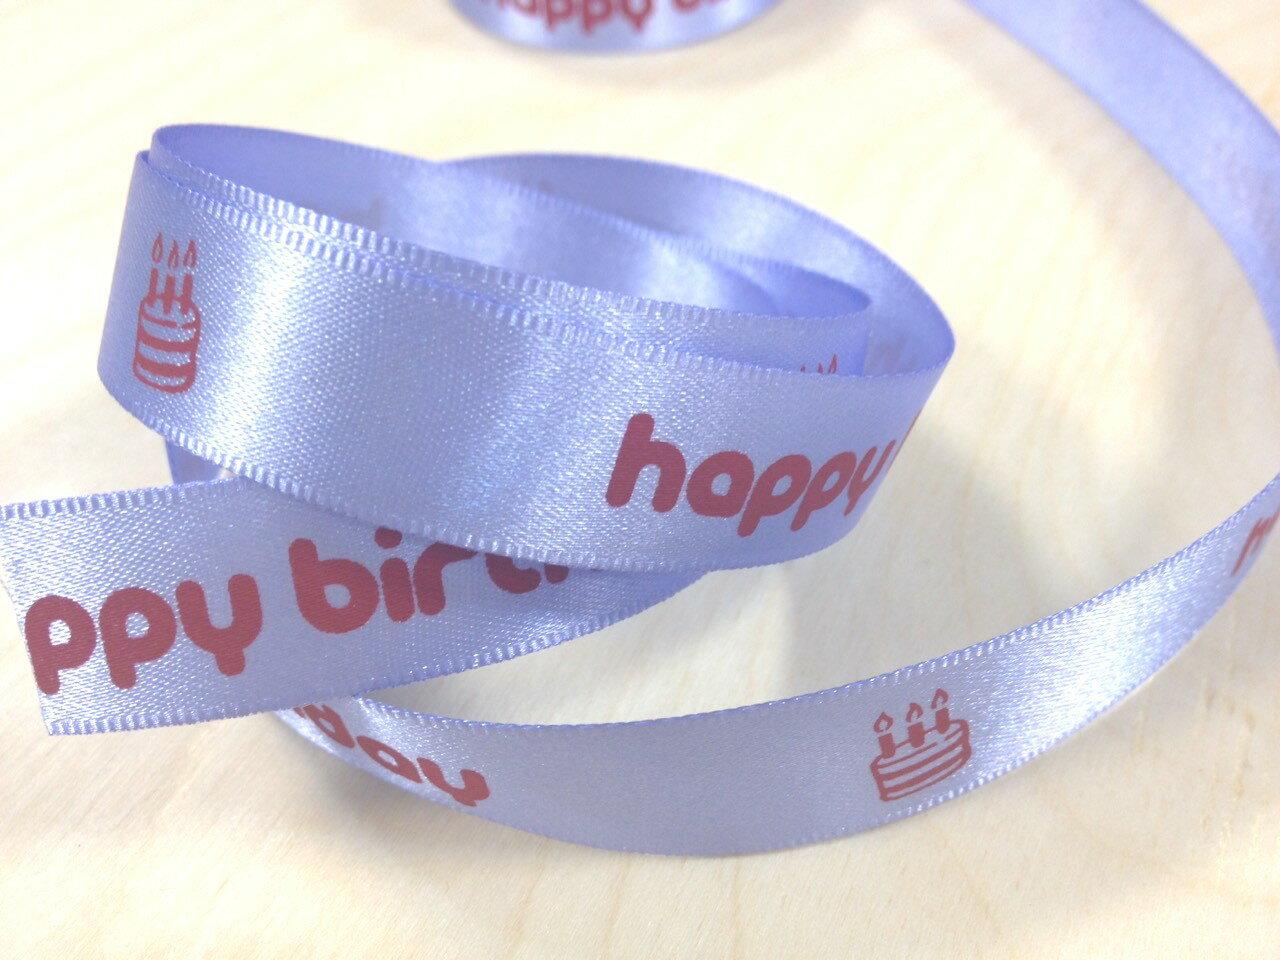 雙面緞緞帶生日快樂-許願蛋糕 15mm 3碼 (10色) 1